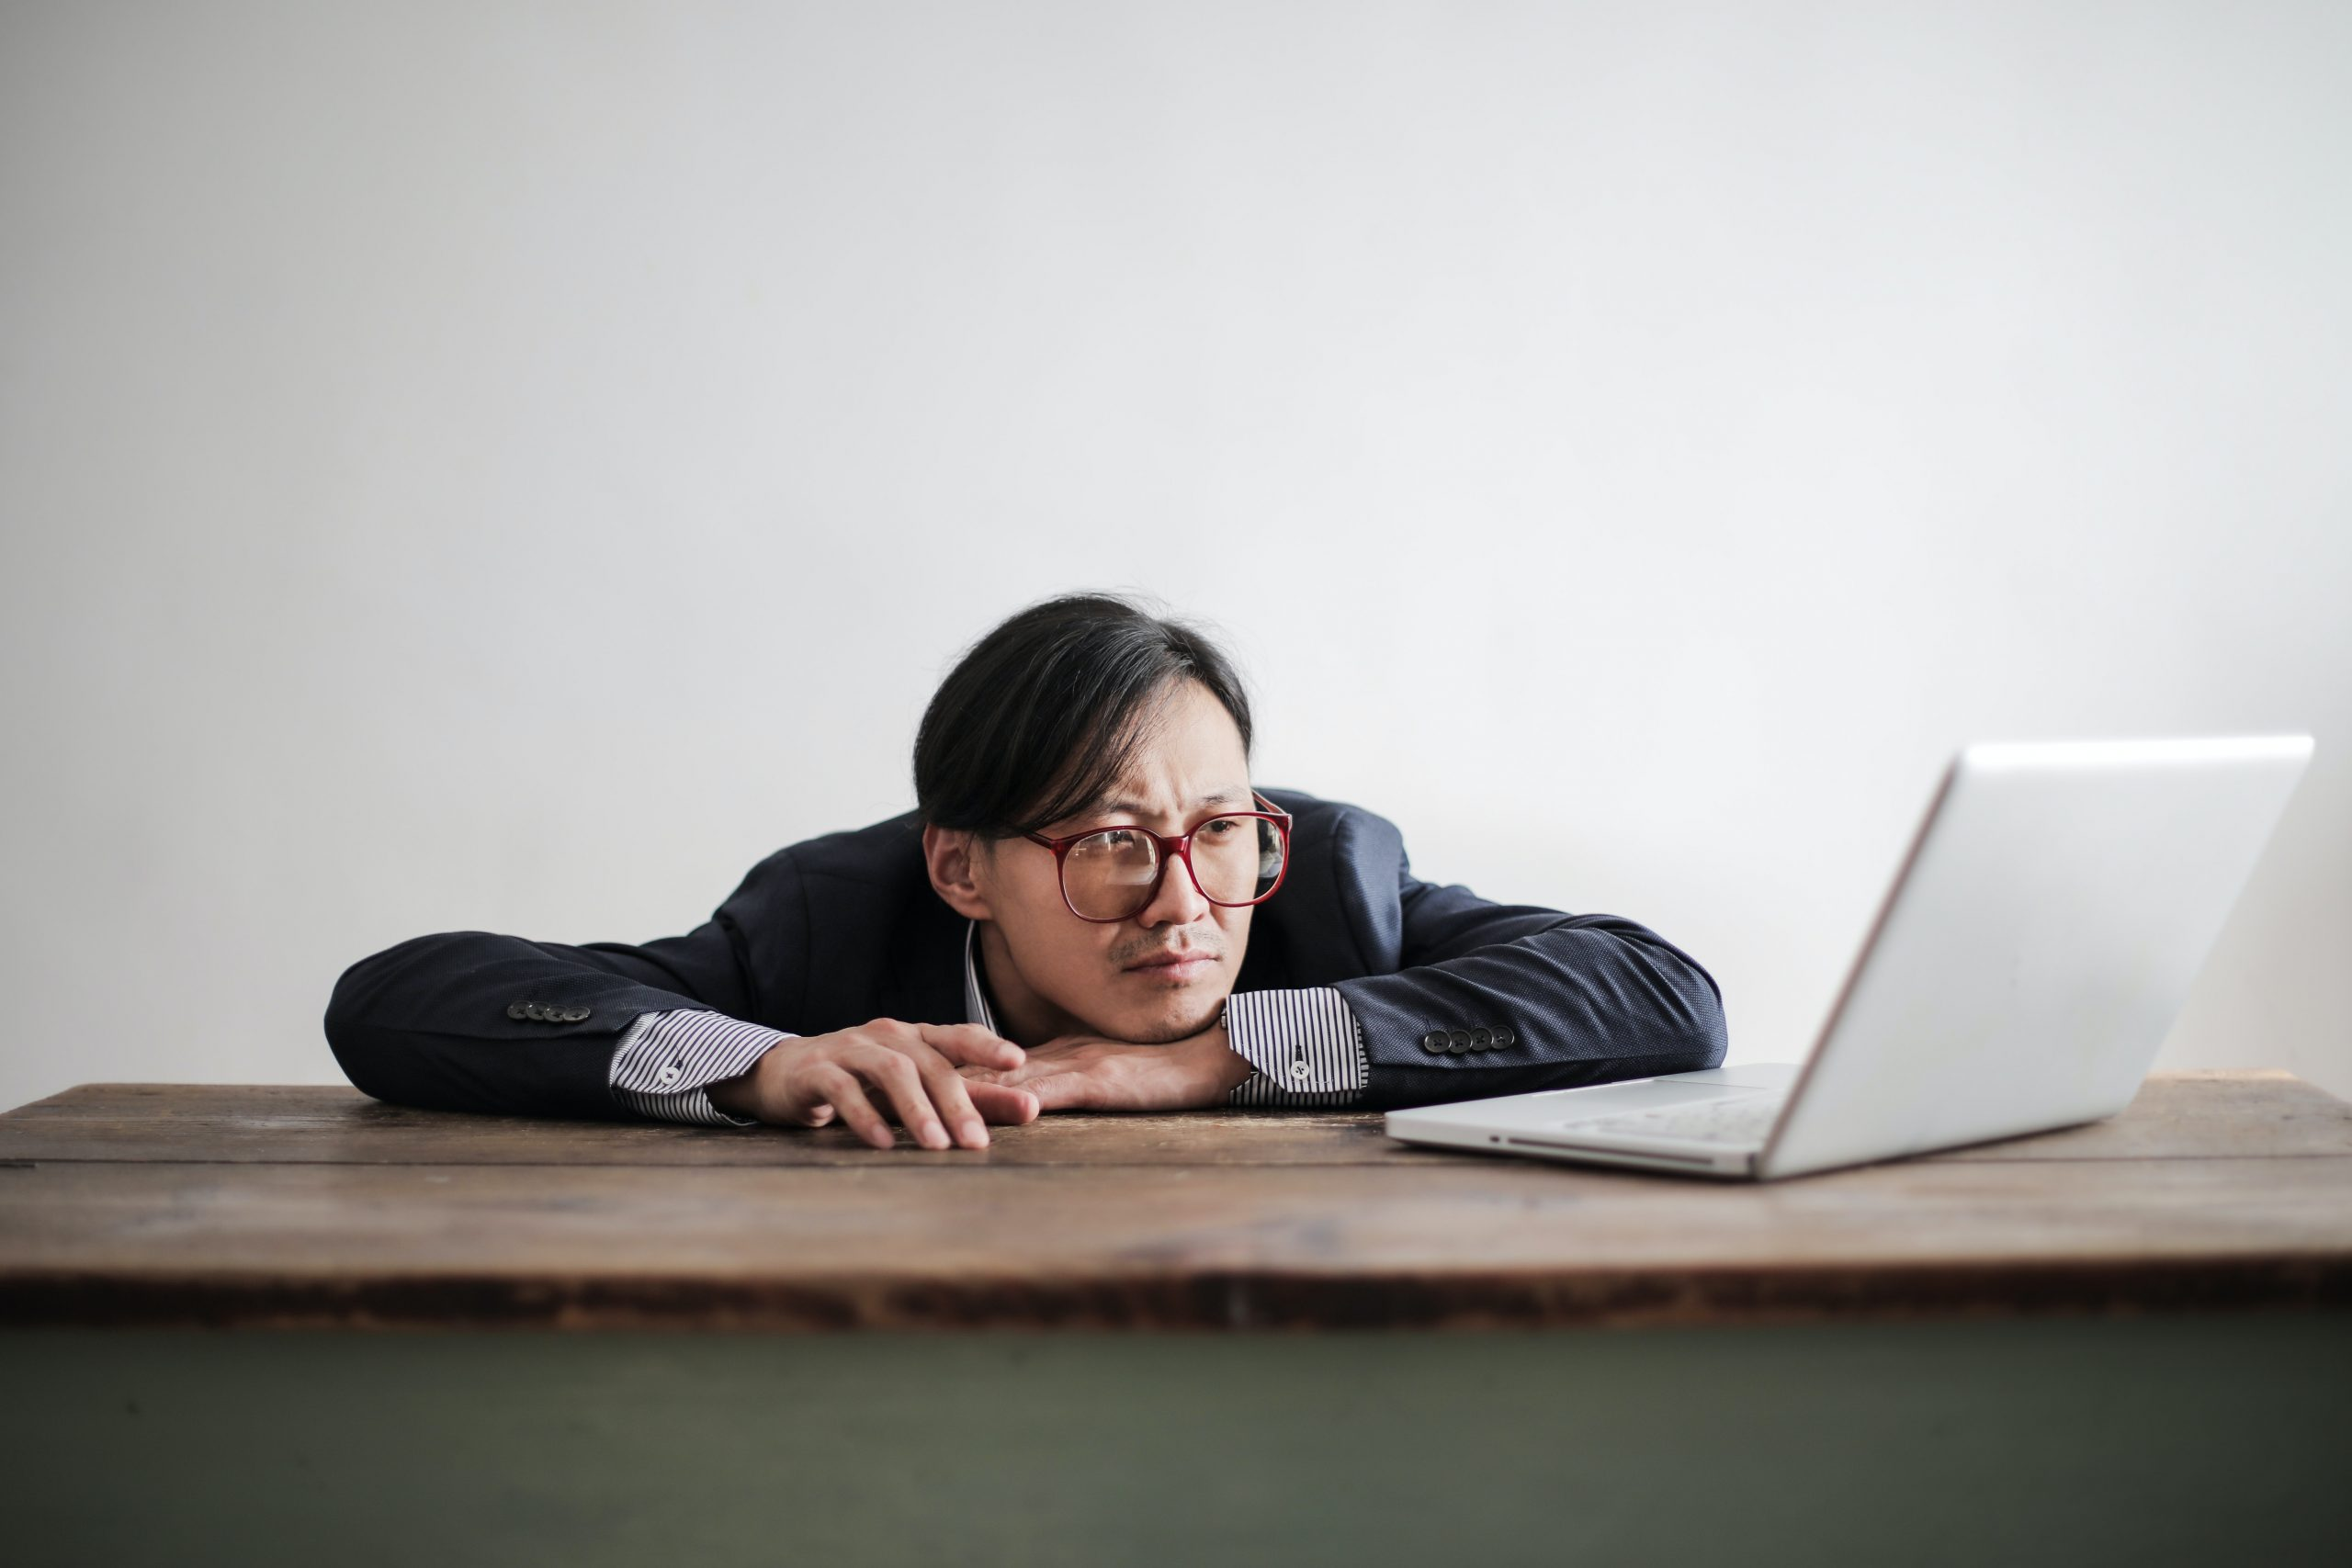 Công việc không còn mang tính thử thách cũng là lý do nhân viên cảm thấy khó tiếp tục phát triển tại công ty